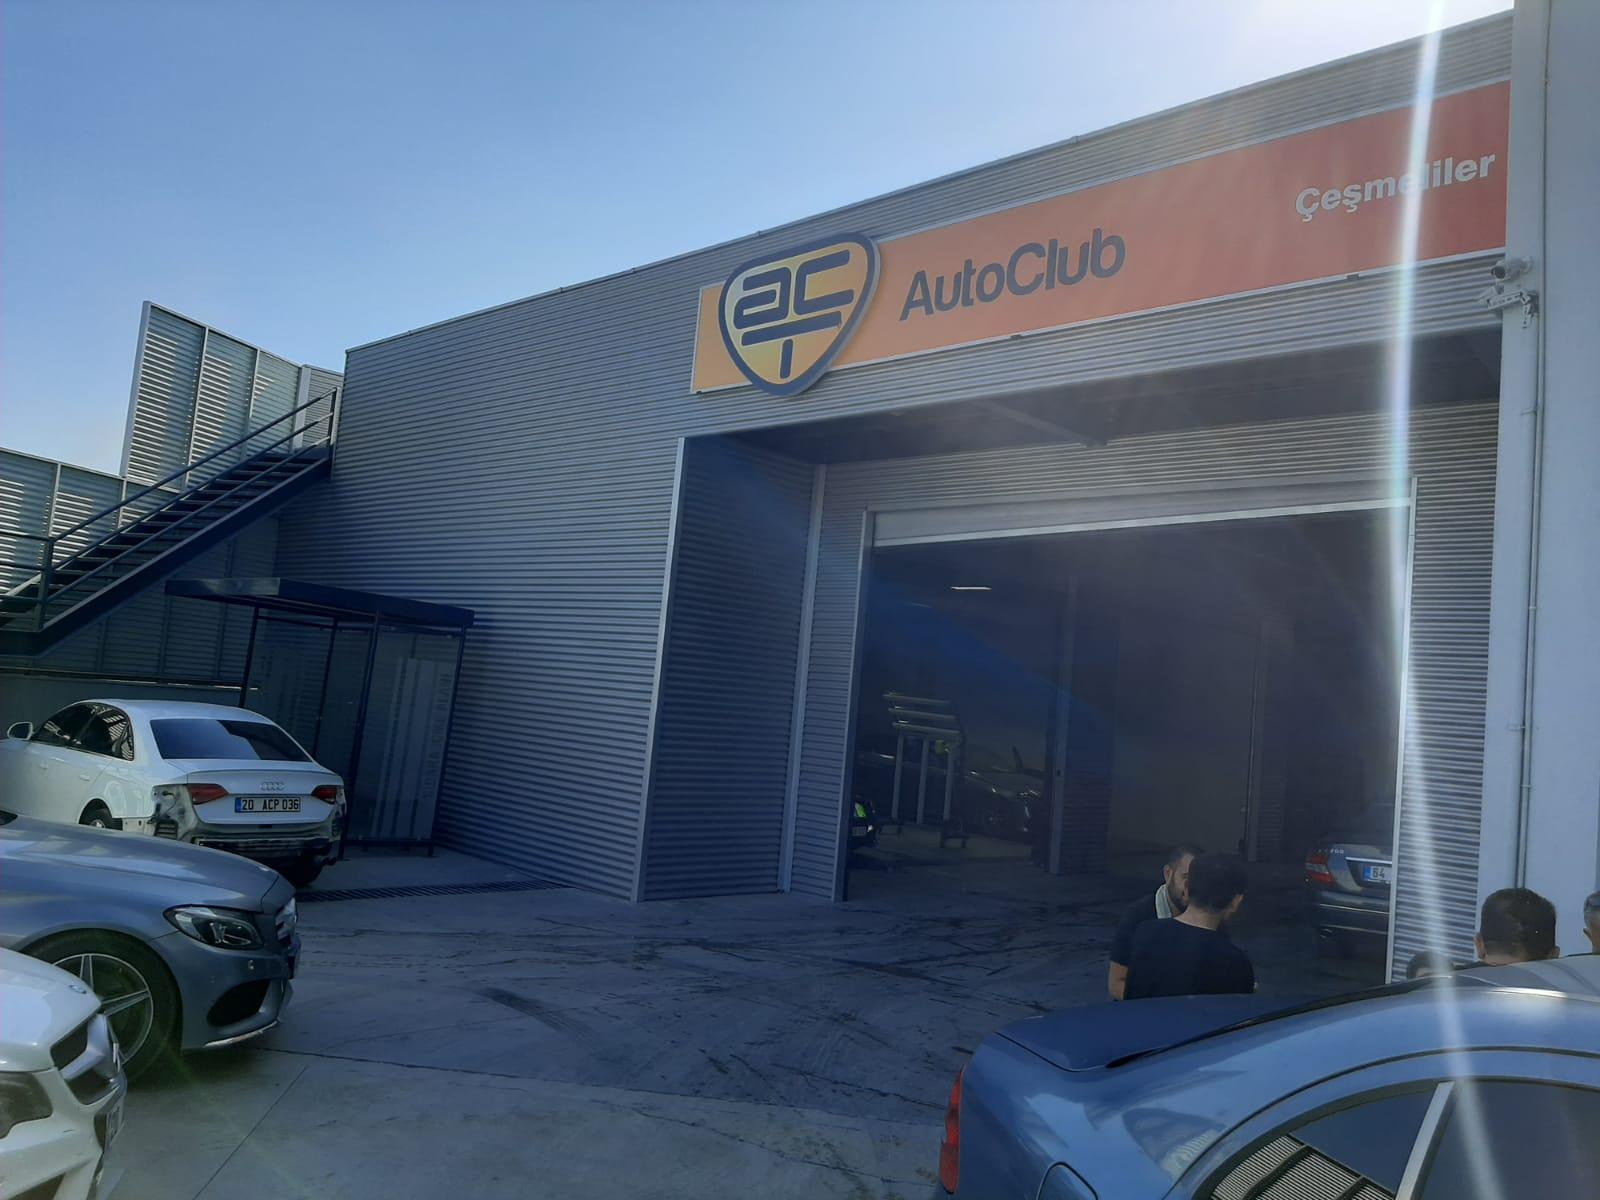 AutoClub Çeşmeliler - Denizli